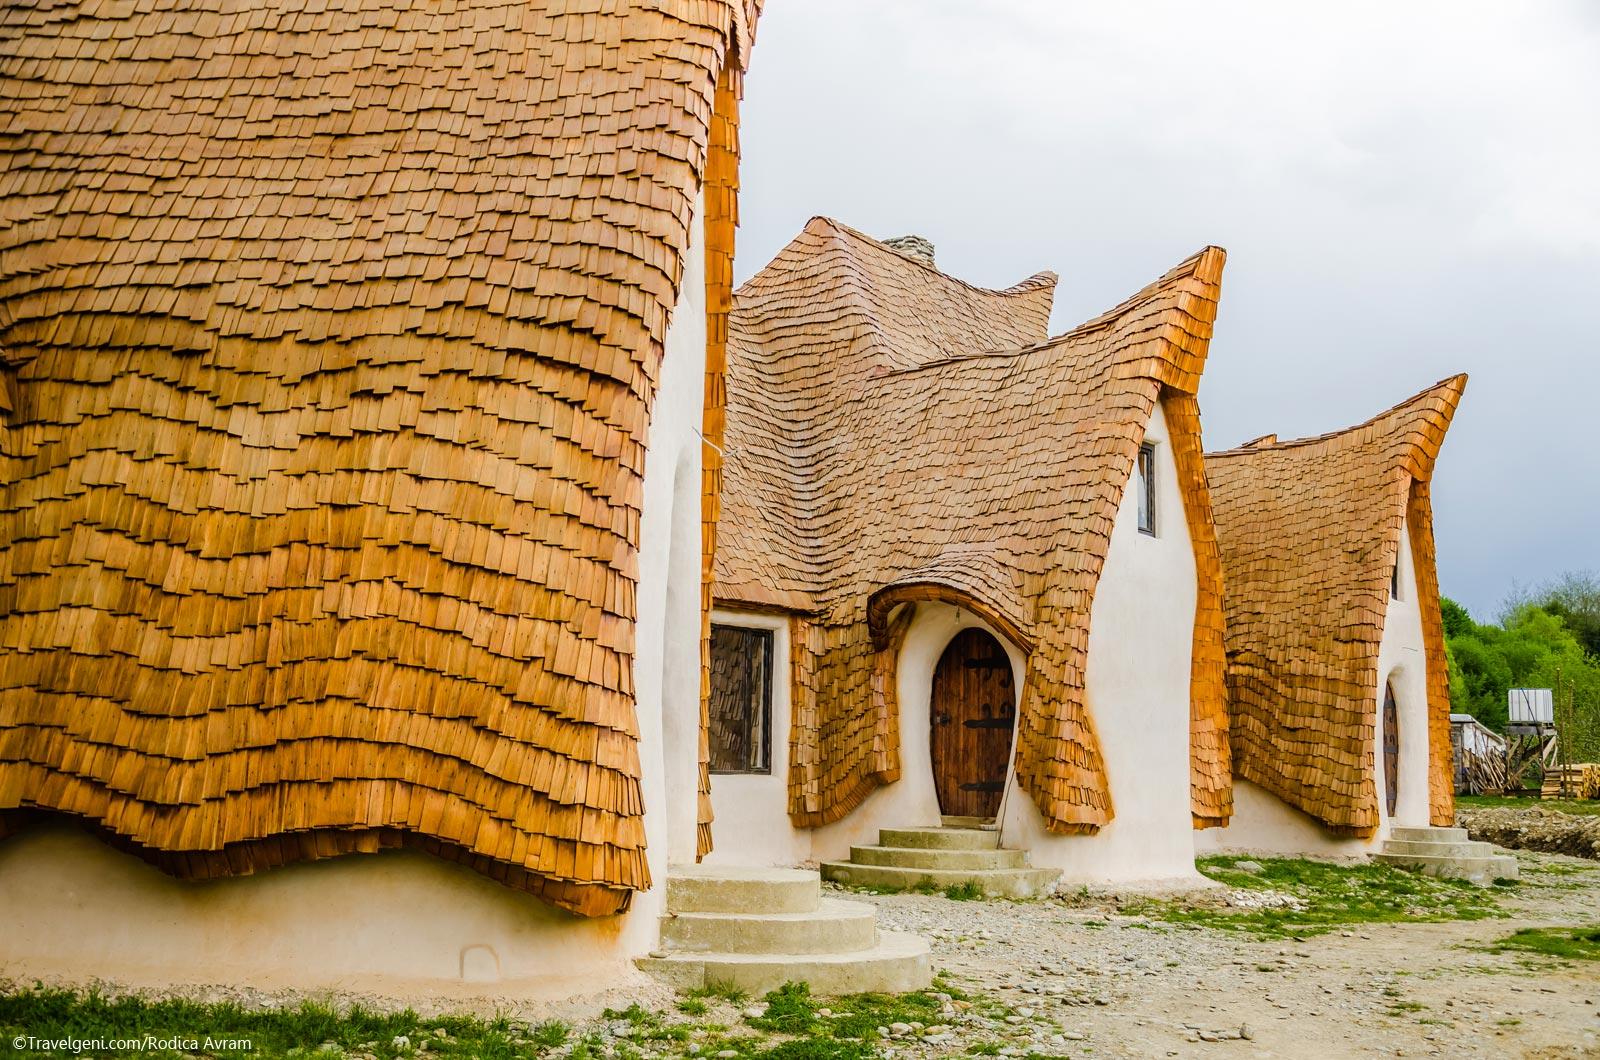 Картинки домов из глины